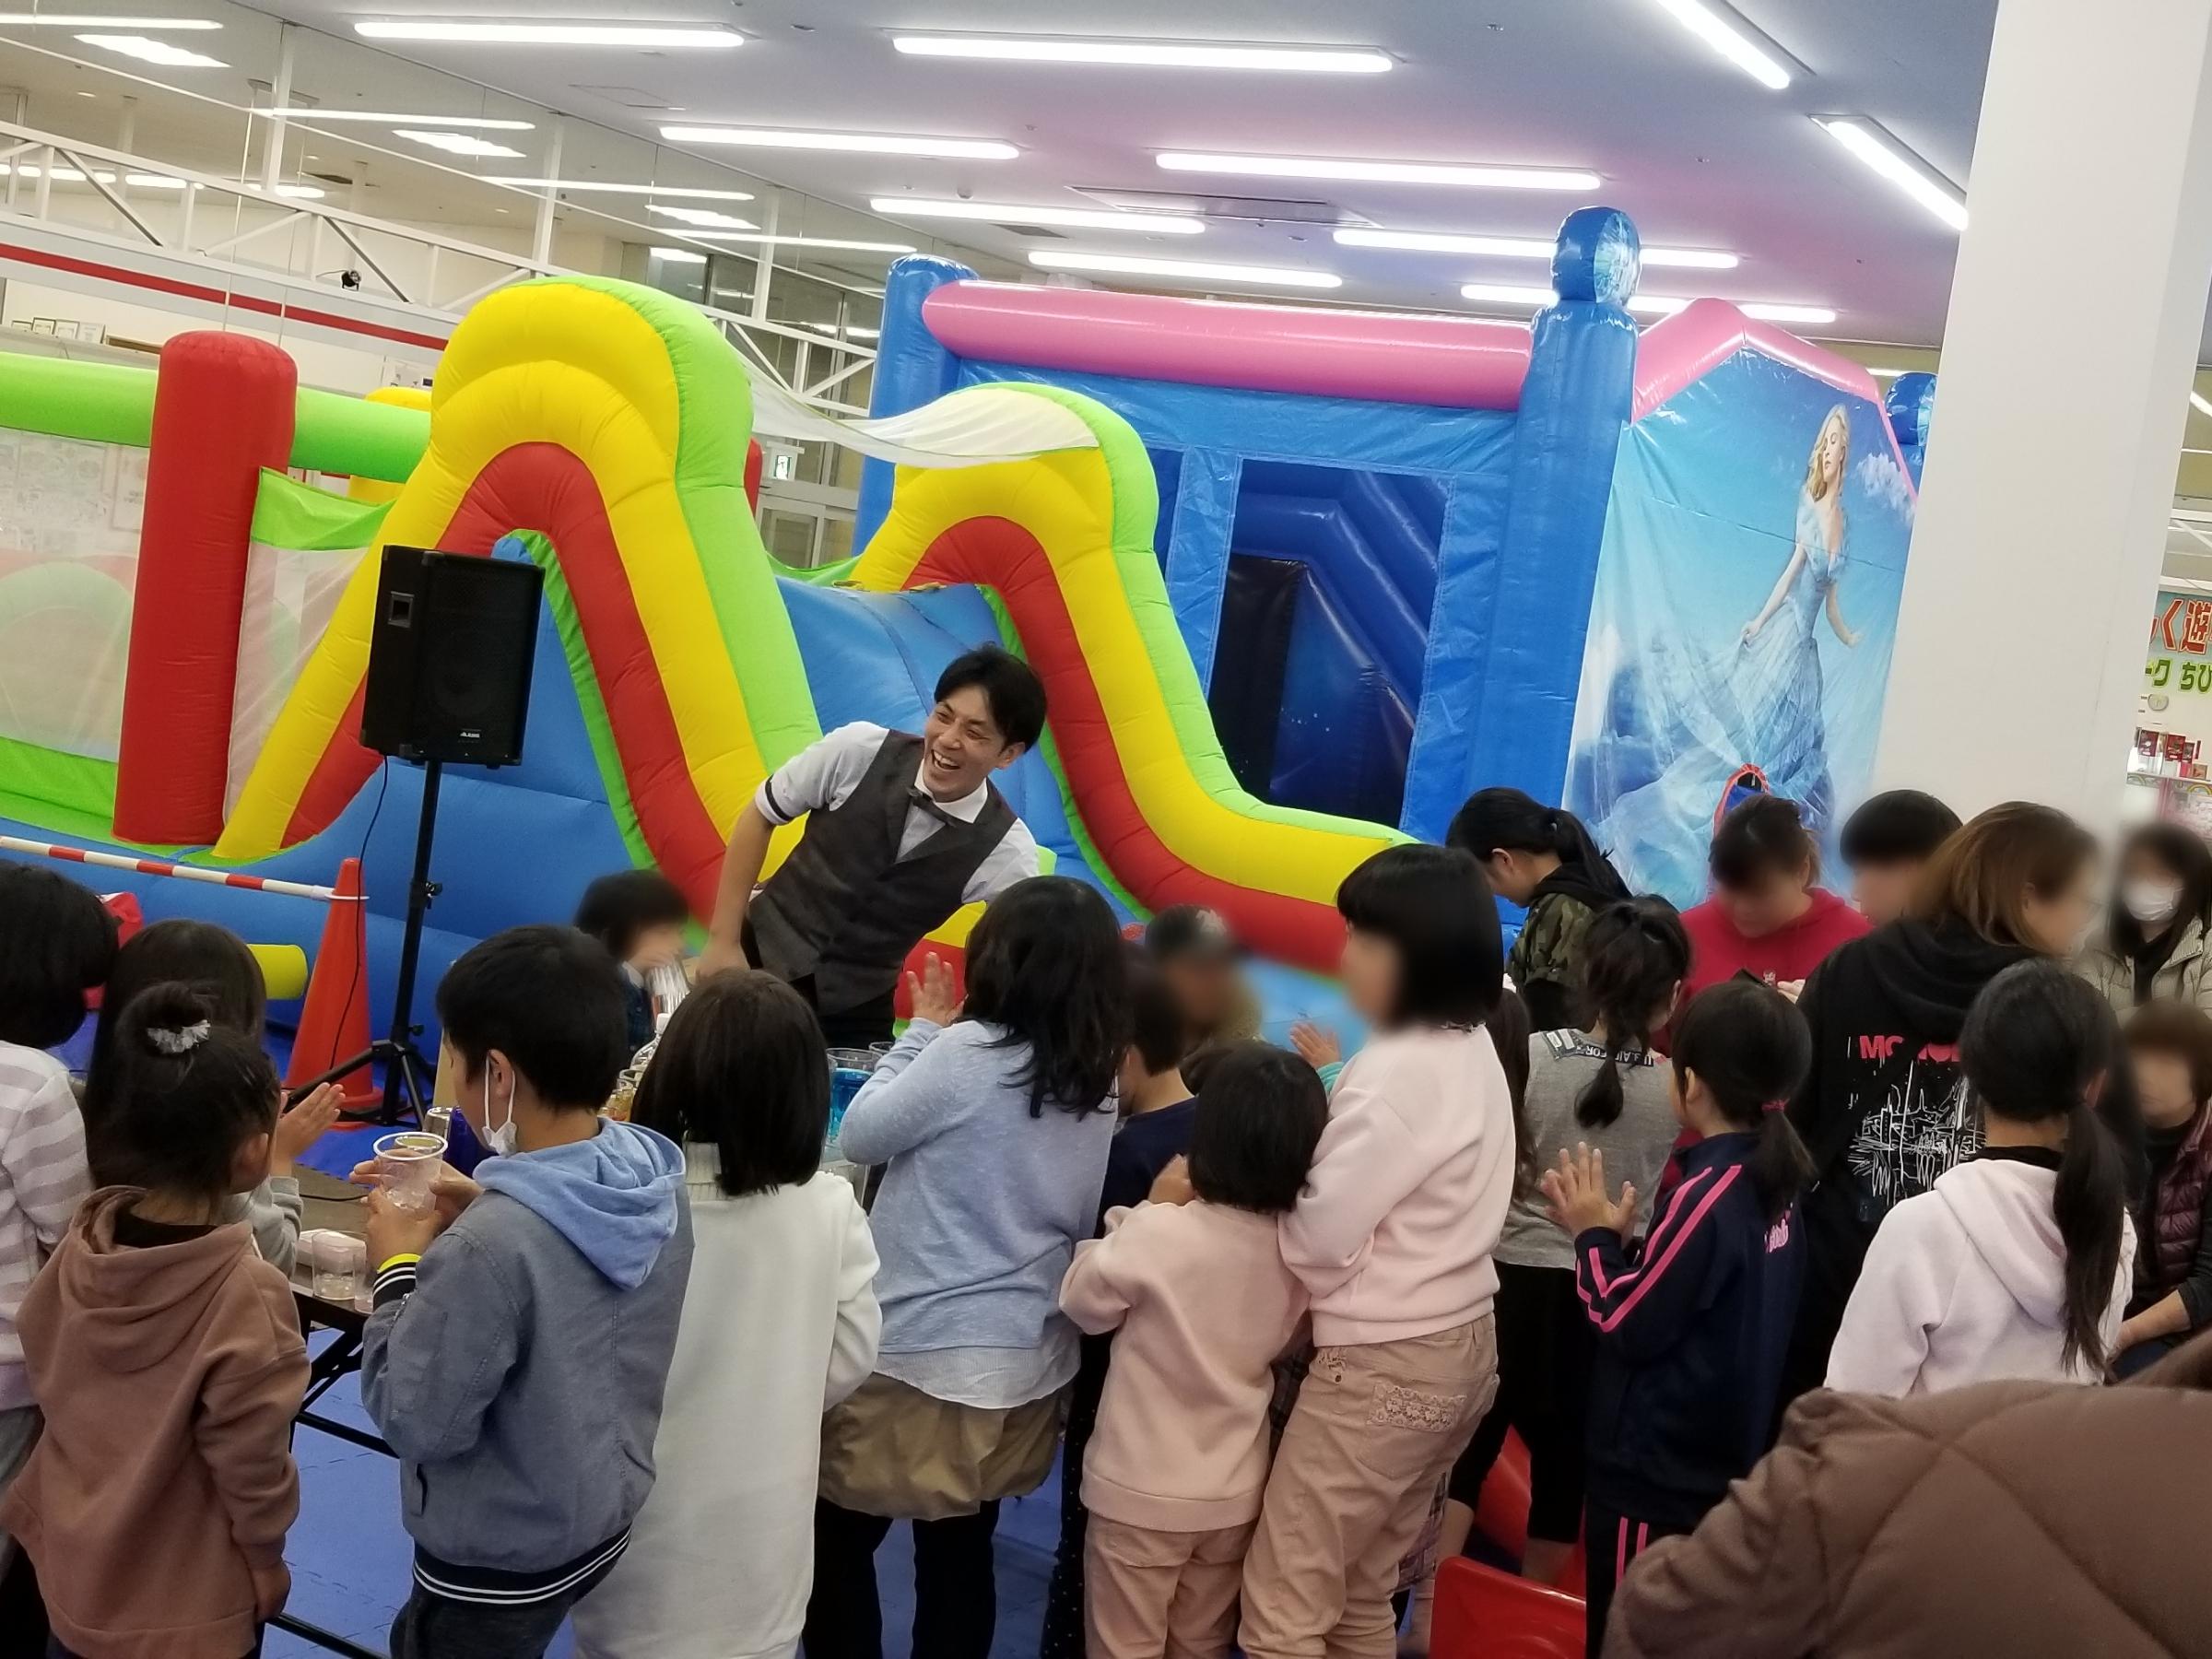 JUNさんと子供たちの楽しいイベントになりました。